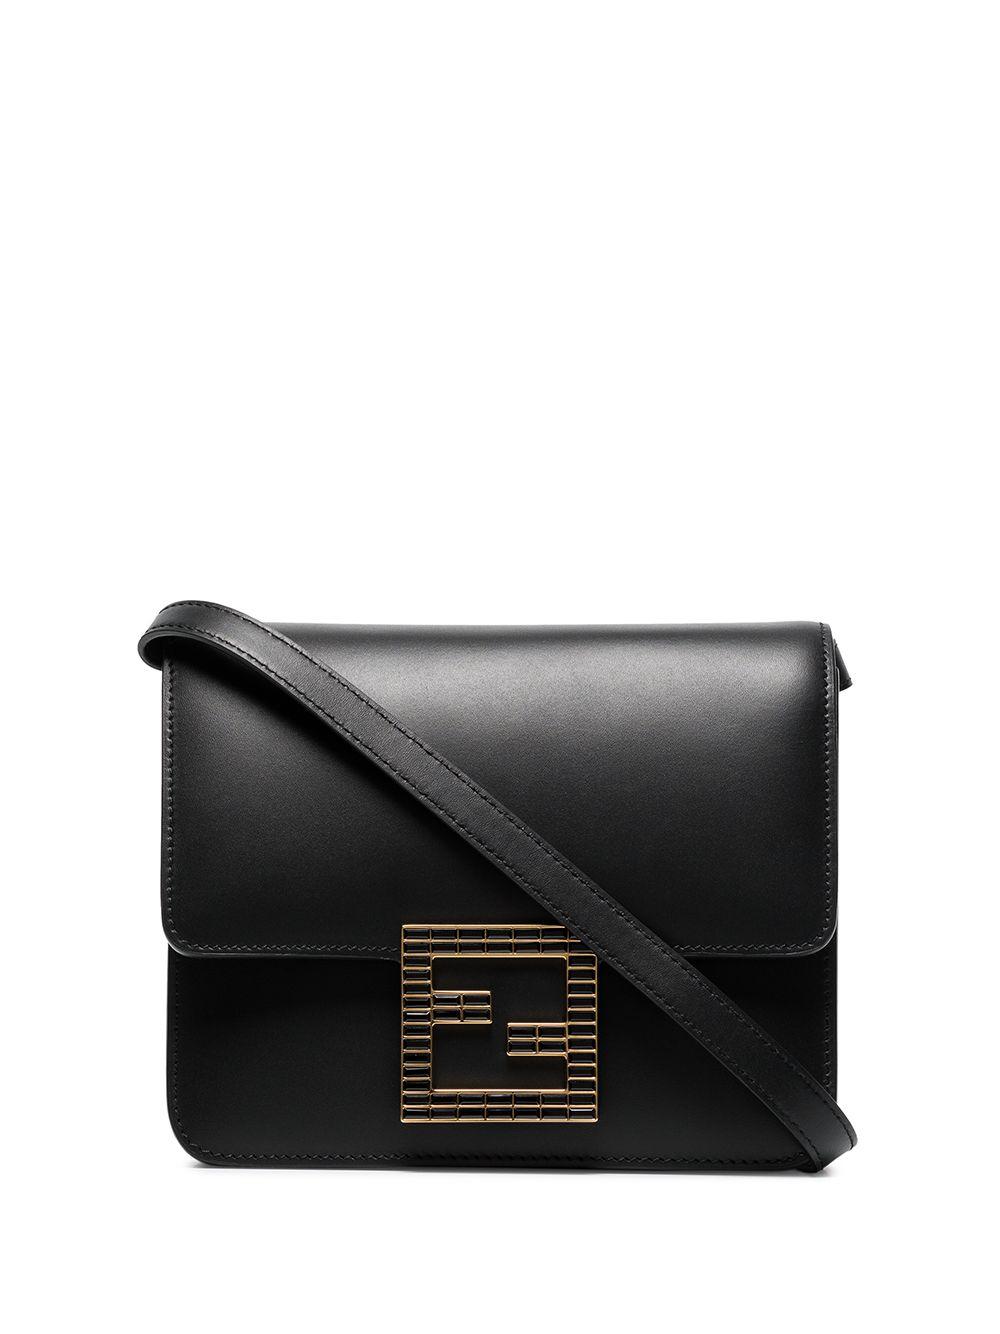 Fab Leather Crossbody Bag